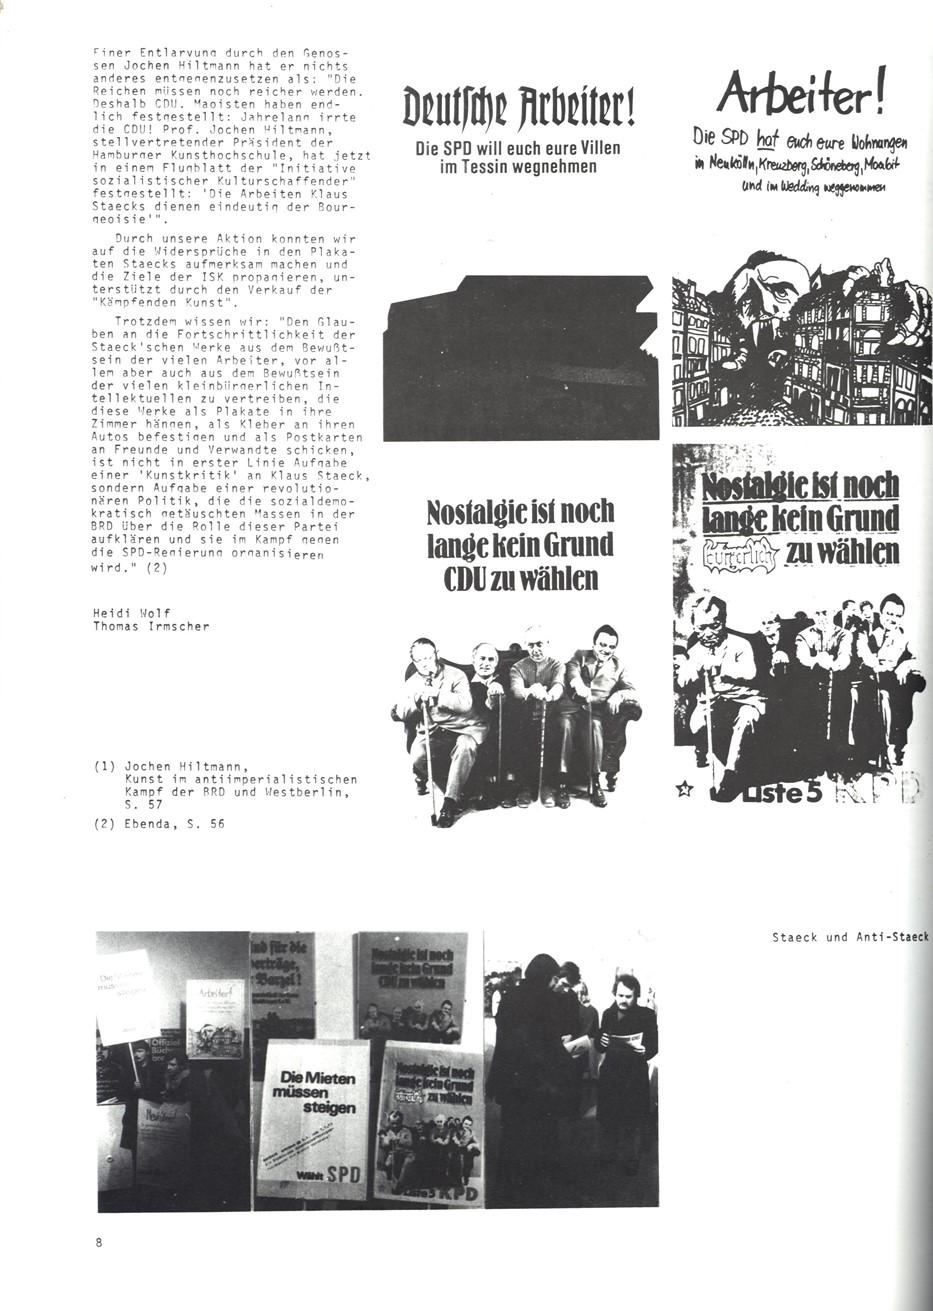 VSK_Kaempfende_Kunst_19750300_08